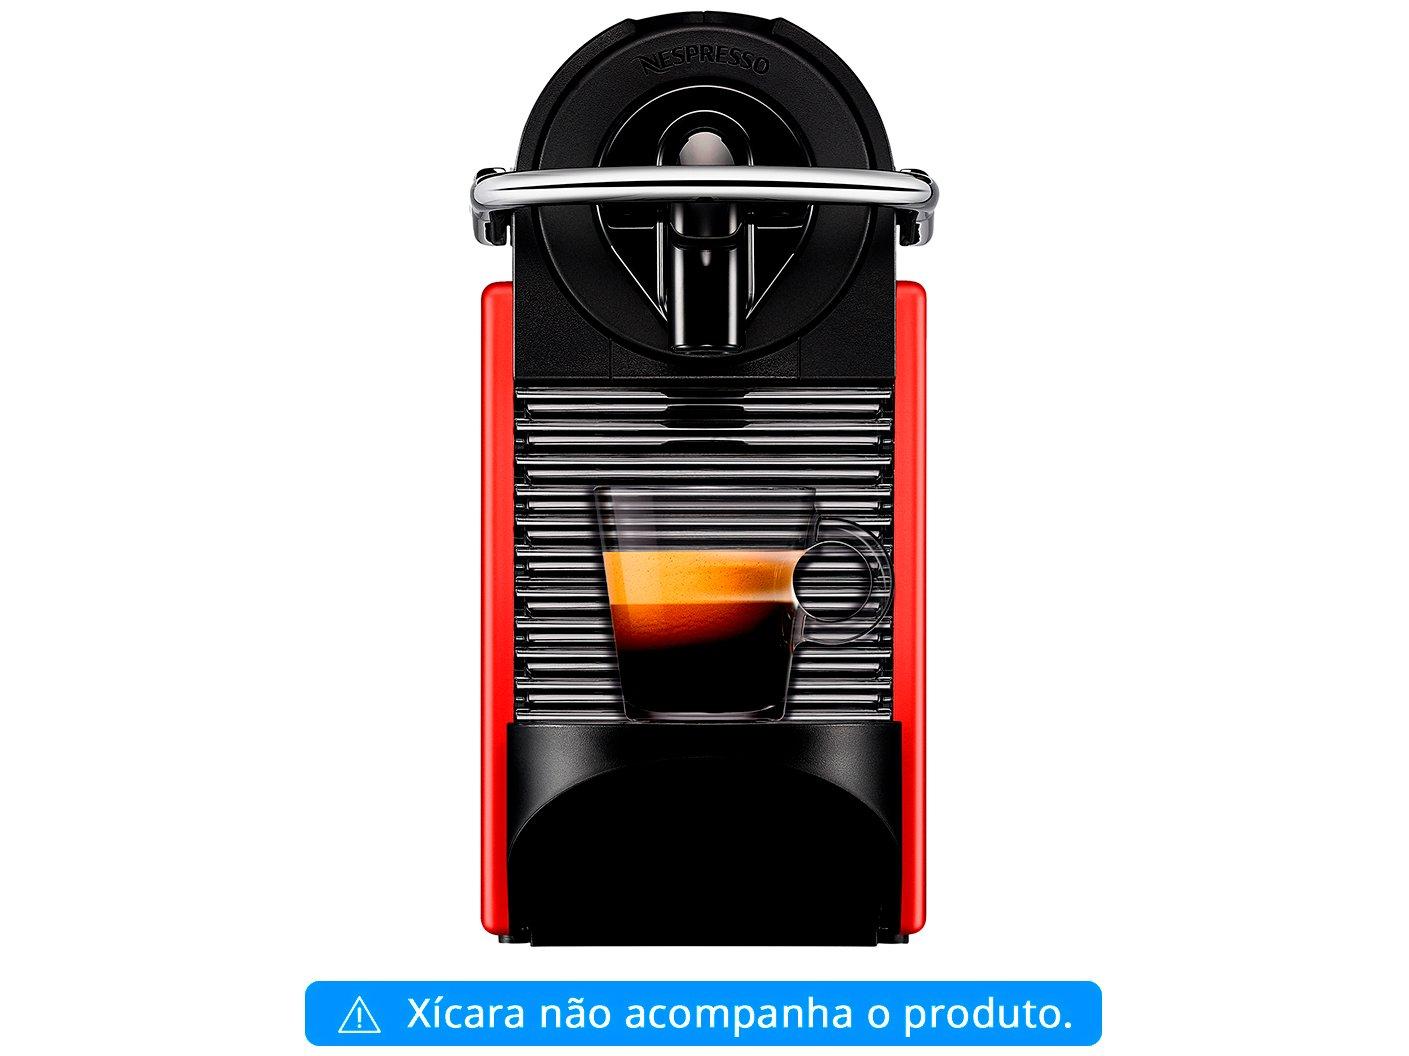 Cafeteira Expresso Pixie Nespresso de Cápsula - Vermelha 19 Bar - 110 V - 2